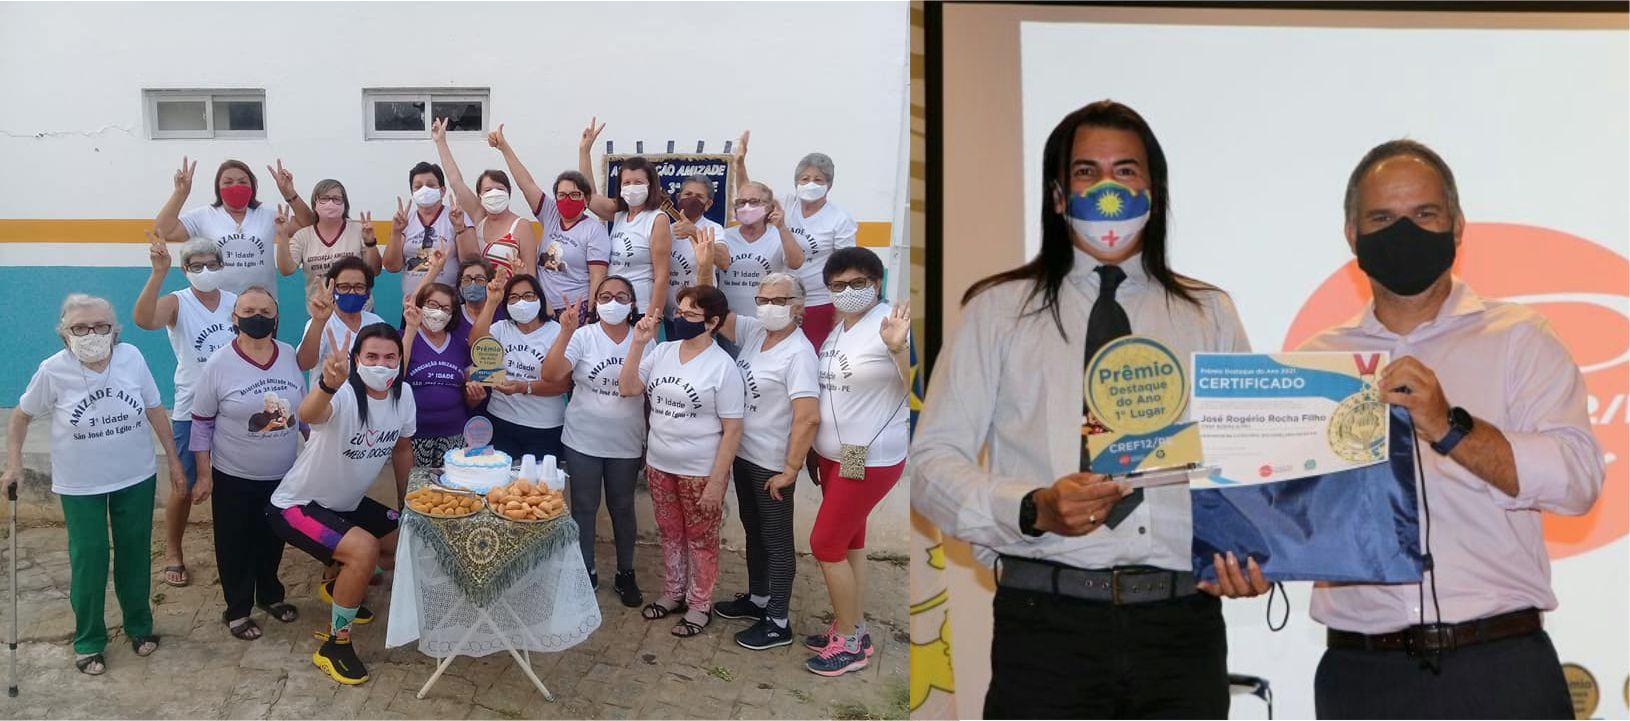 Rogério Rocha comemora com integrantes do Grupo Amizade Ativa conquista estadual